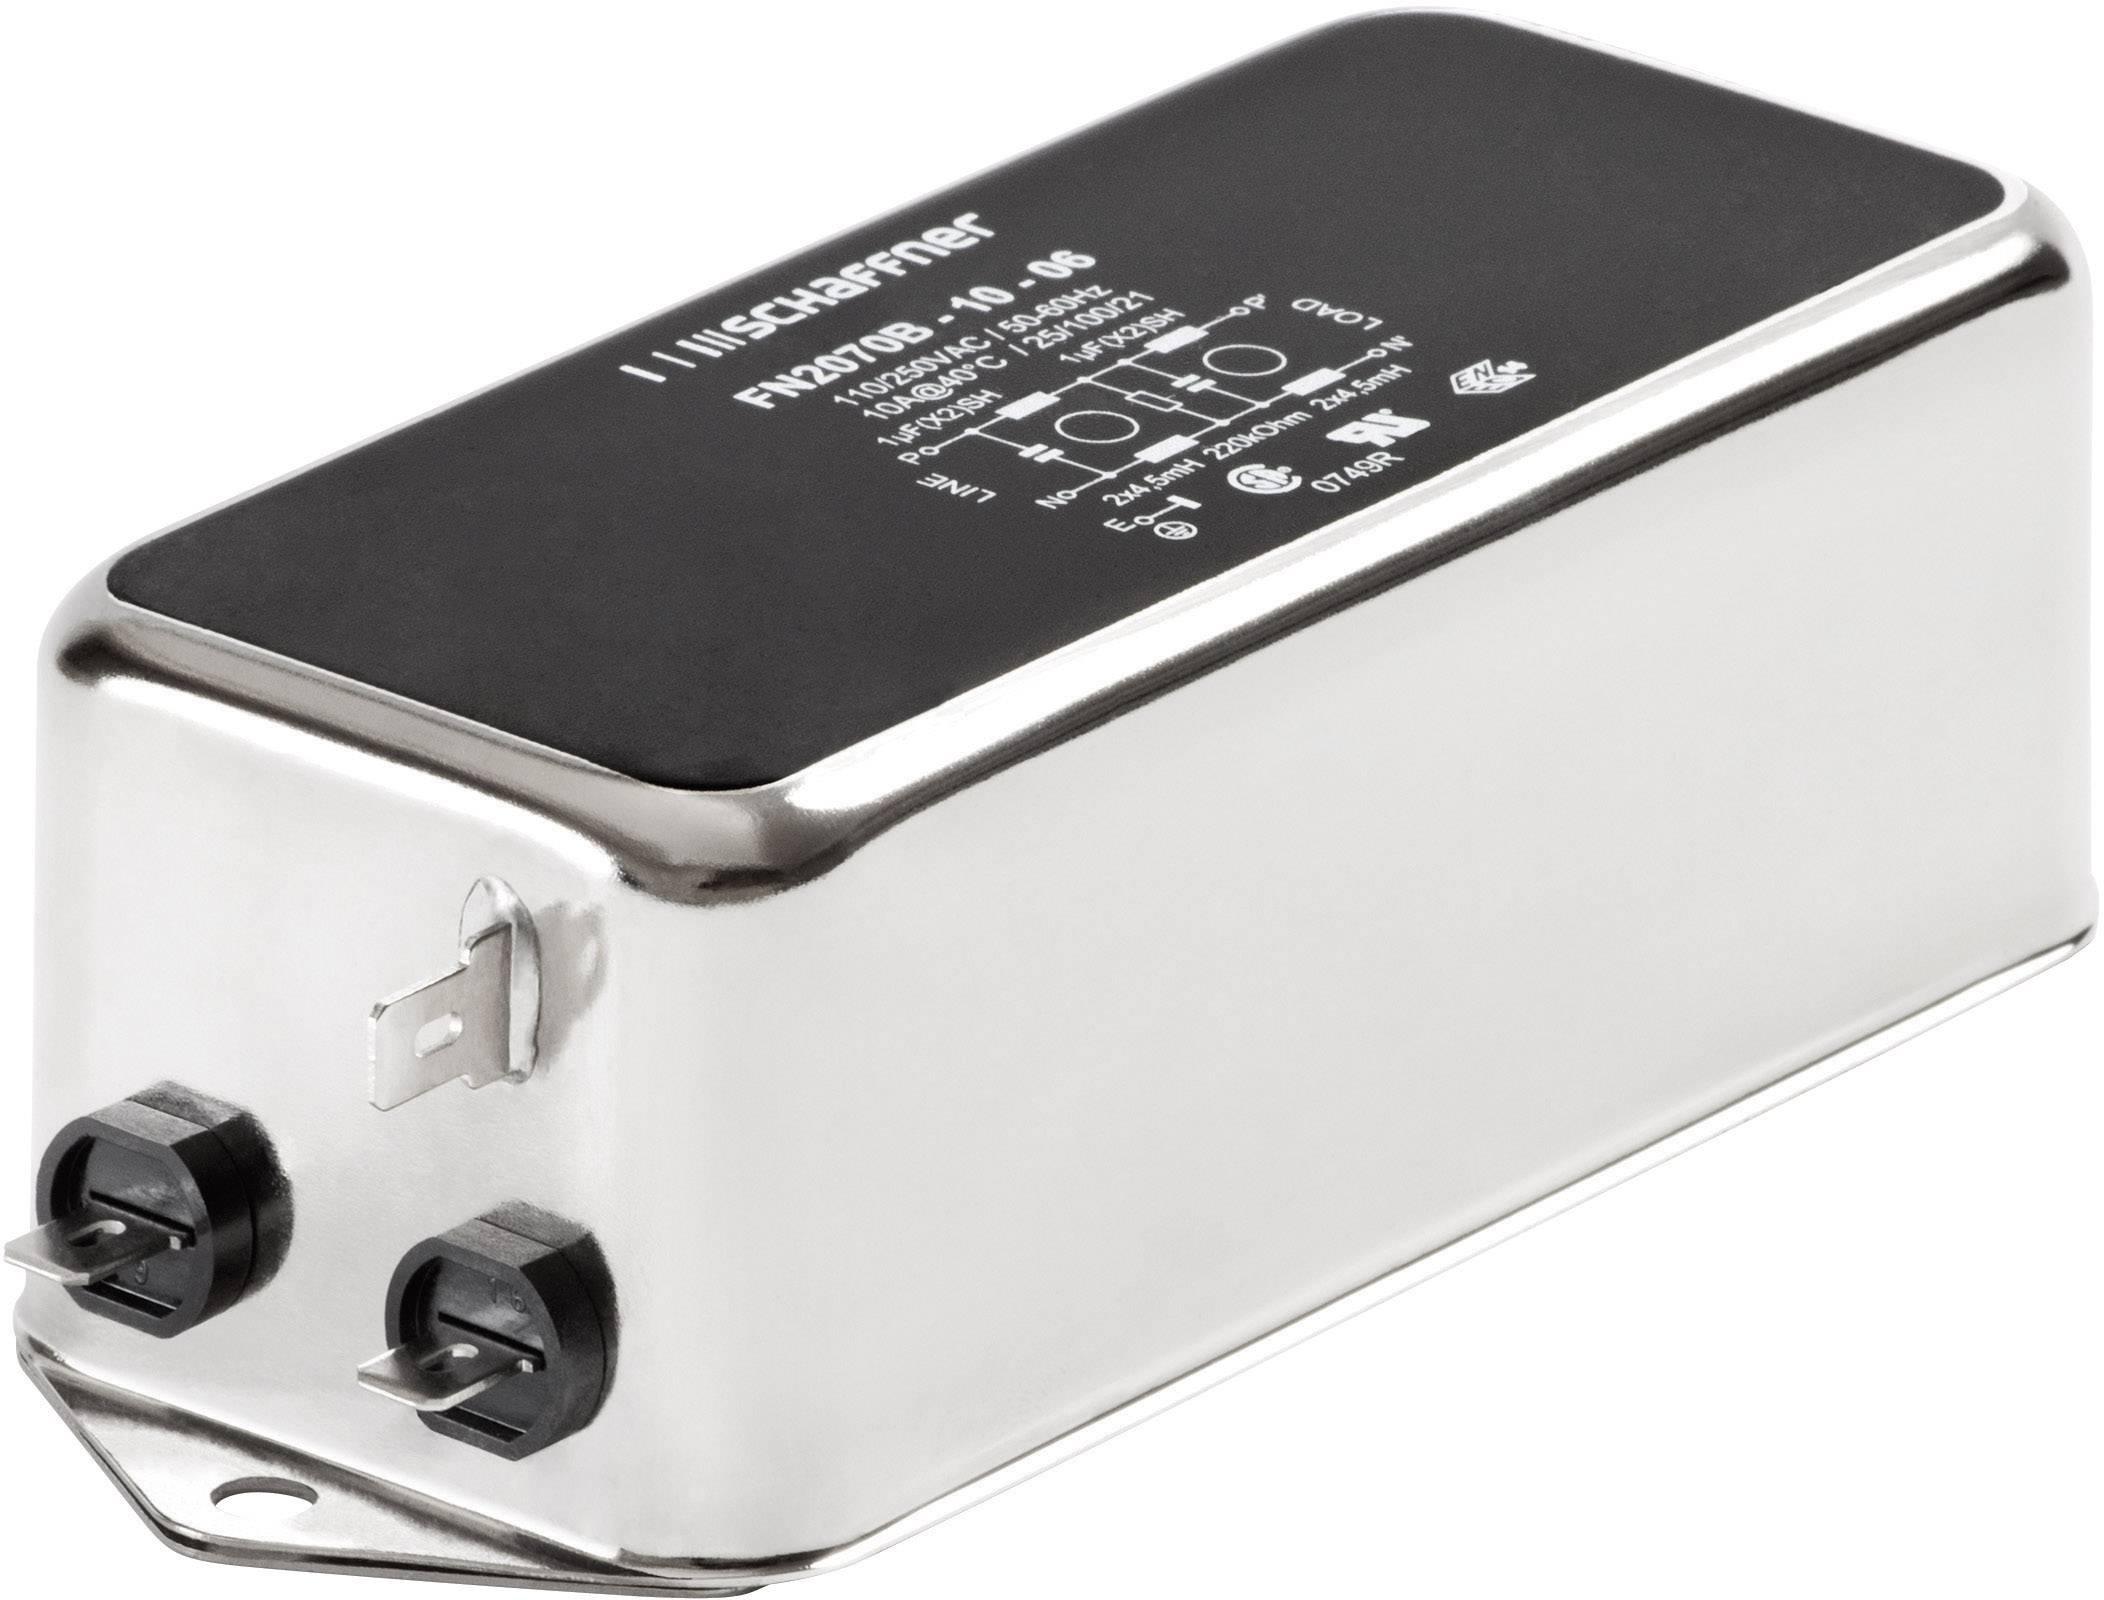 113.5 mm x 45.4 mm 1 pz. SCHAFFNER FN 2070-6-06 Filtro di Rete con connettore 250 V//AC 6 A 7.8 MH L x A